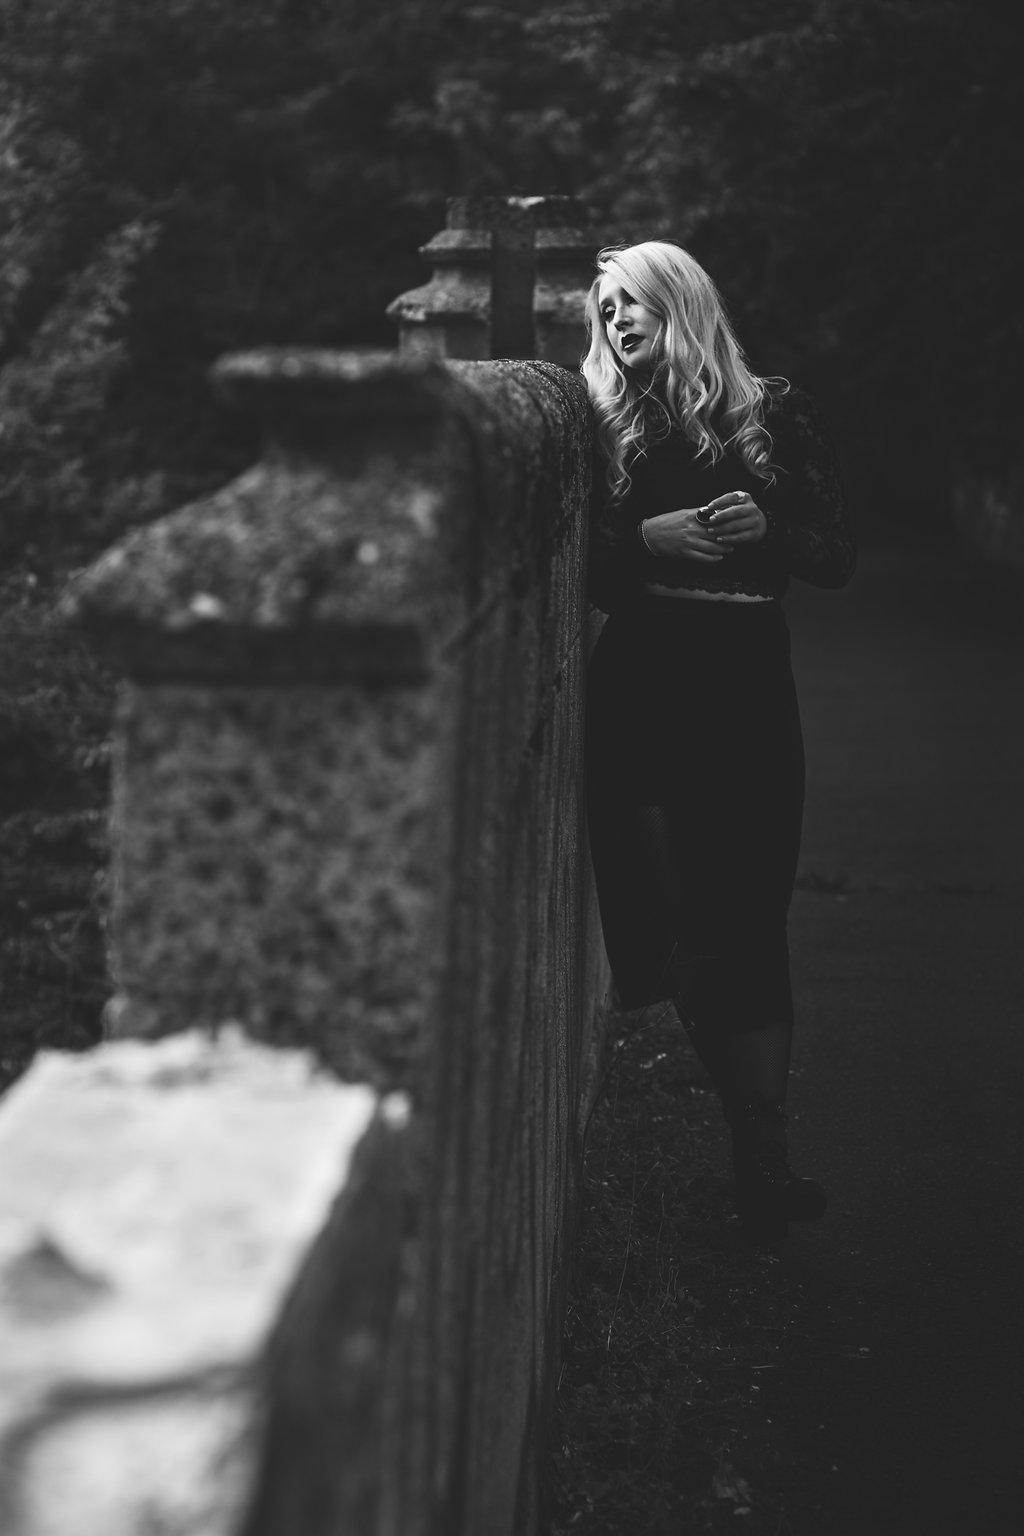 Gothic_Emo_Allison-8109.jpg